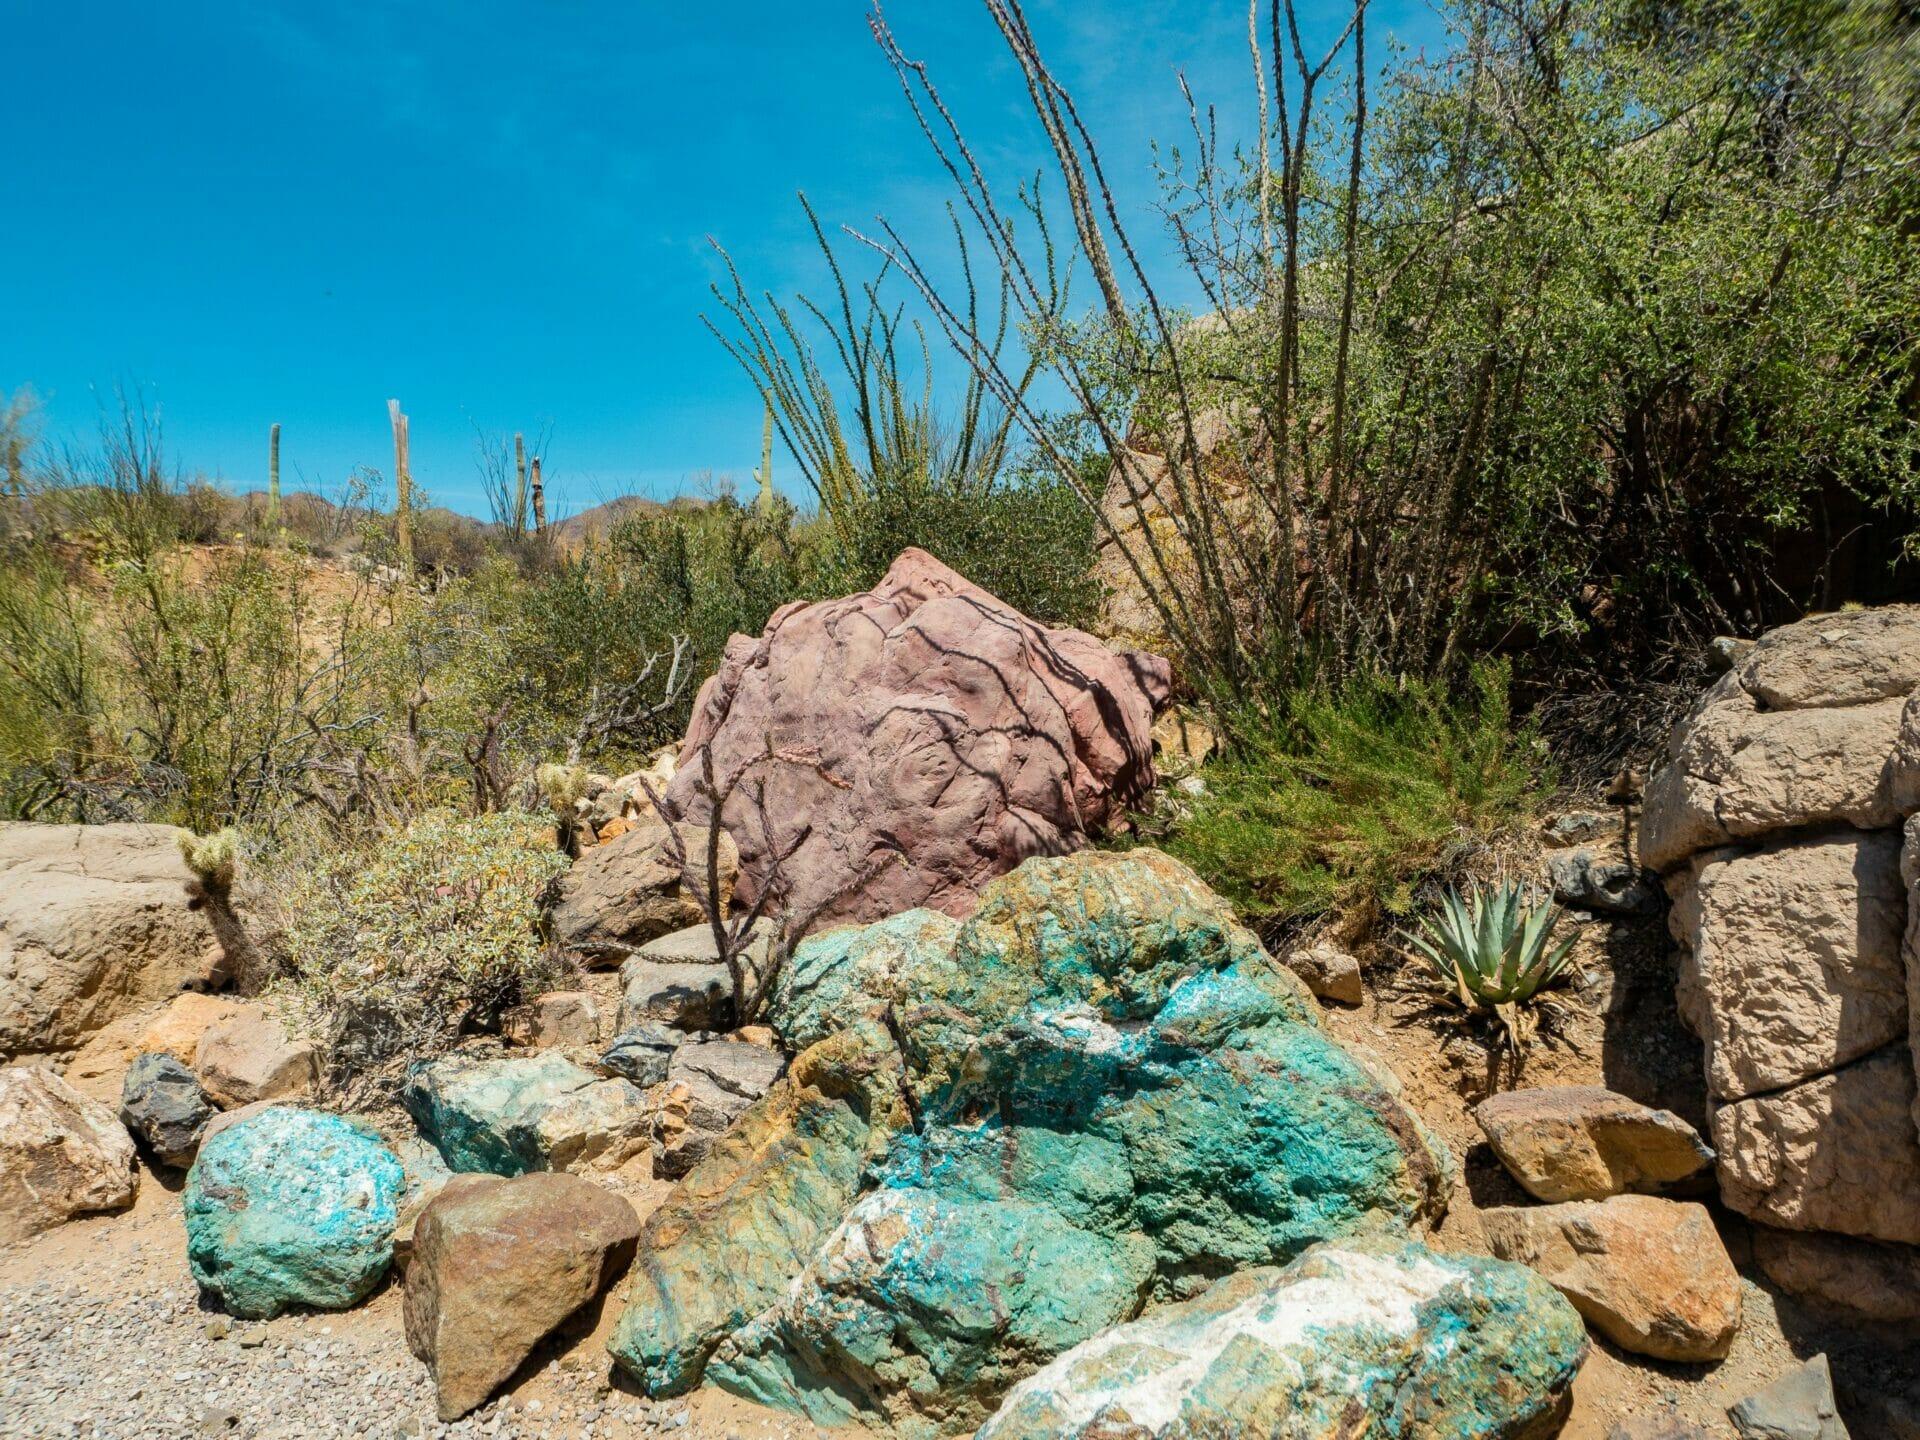 Desert Museum Arizona Sonoran Saguaro National Park